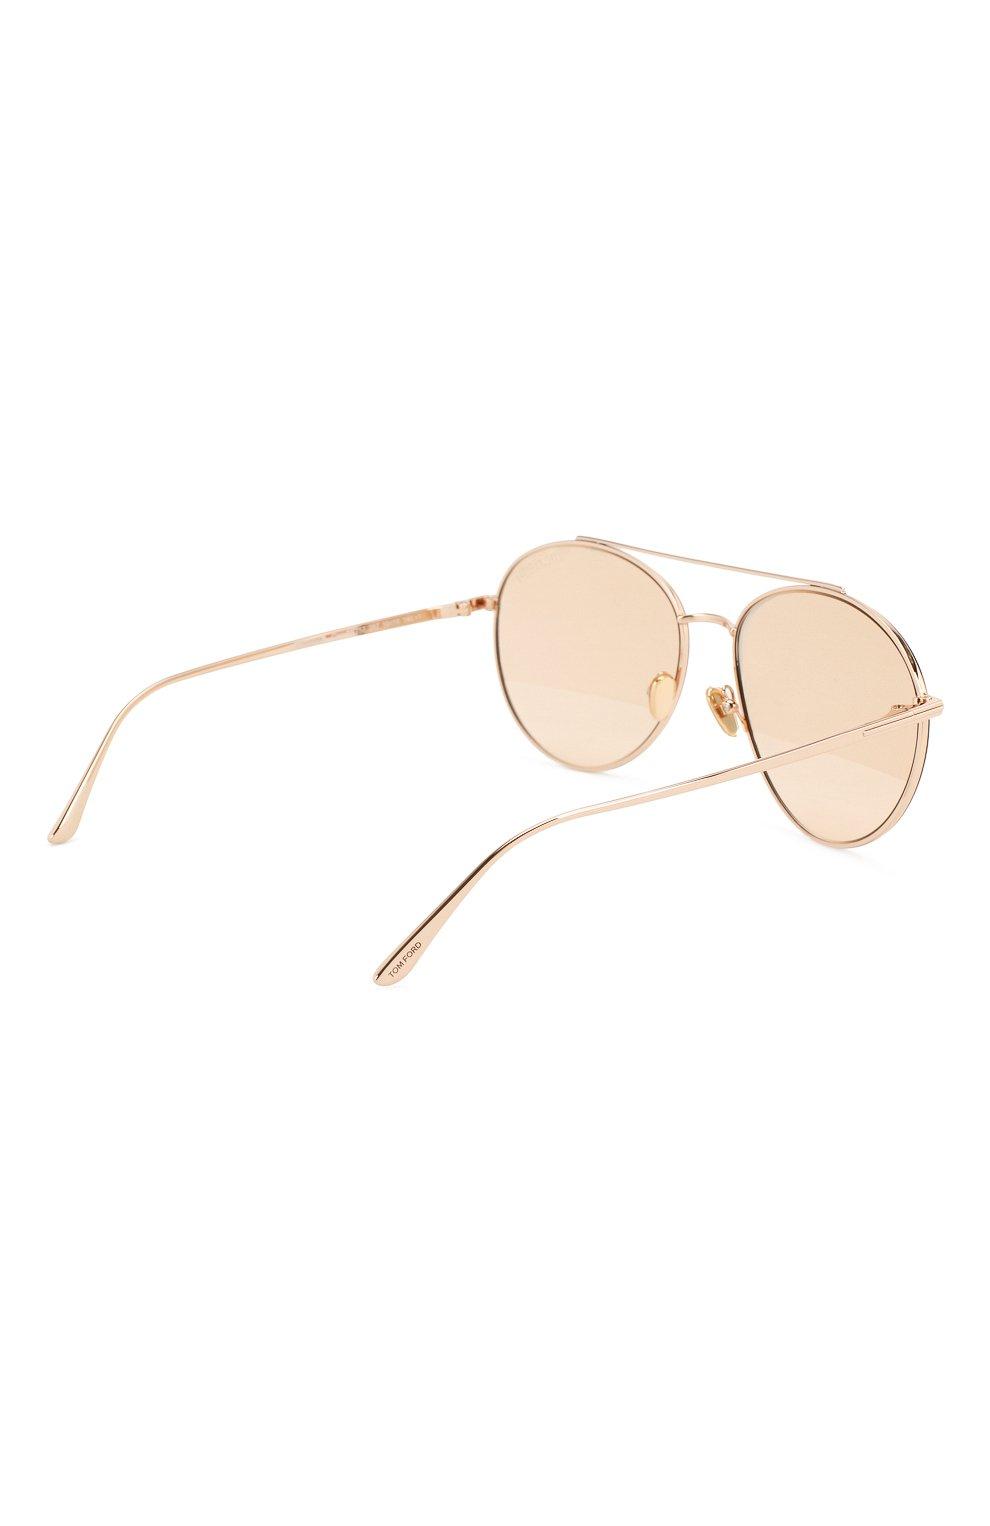 Женские солнцезащитные очки TOM FORD золотого цвета, арт. TF757 28Z | Фото 4